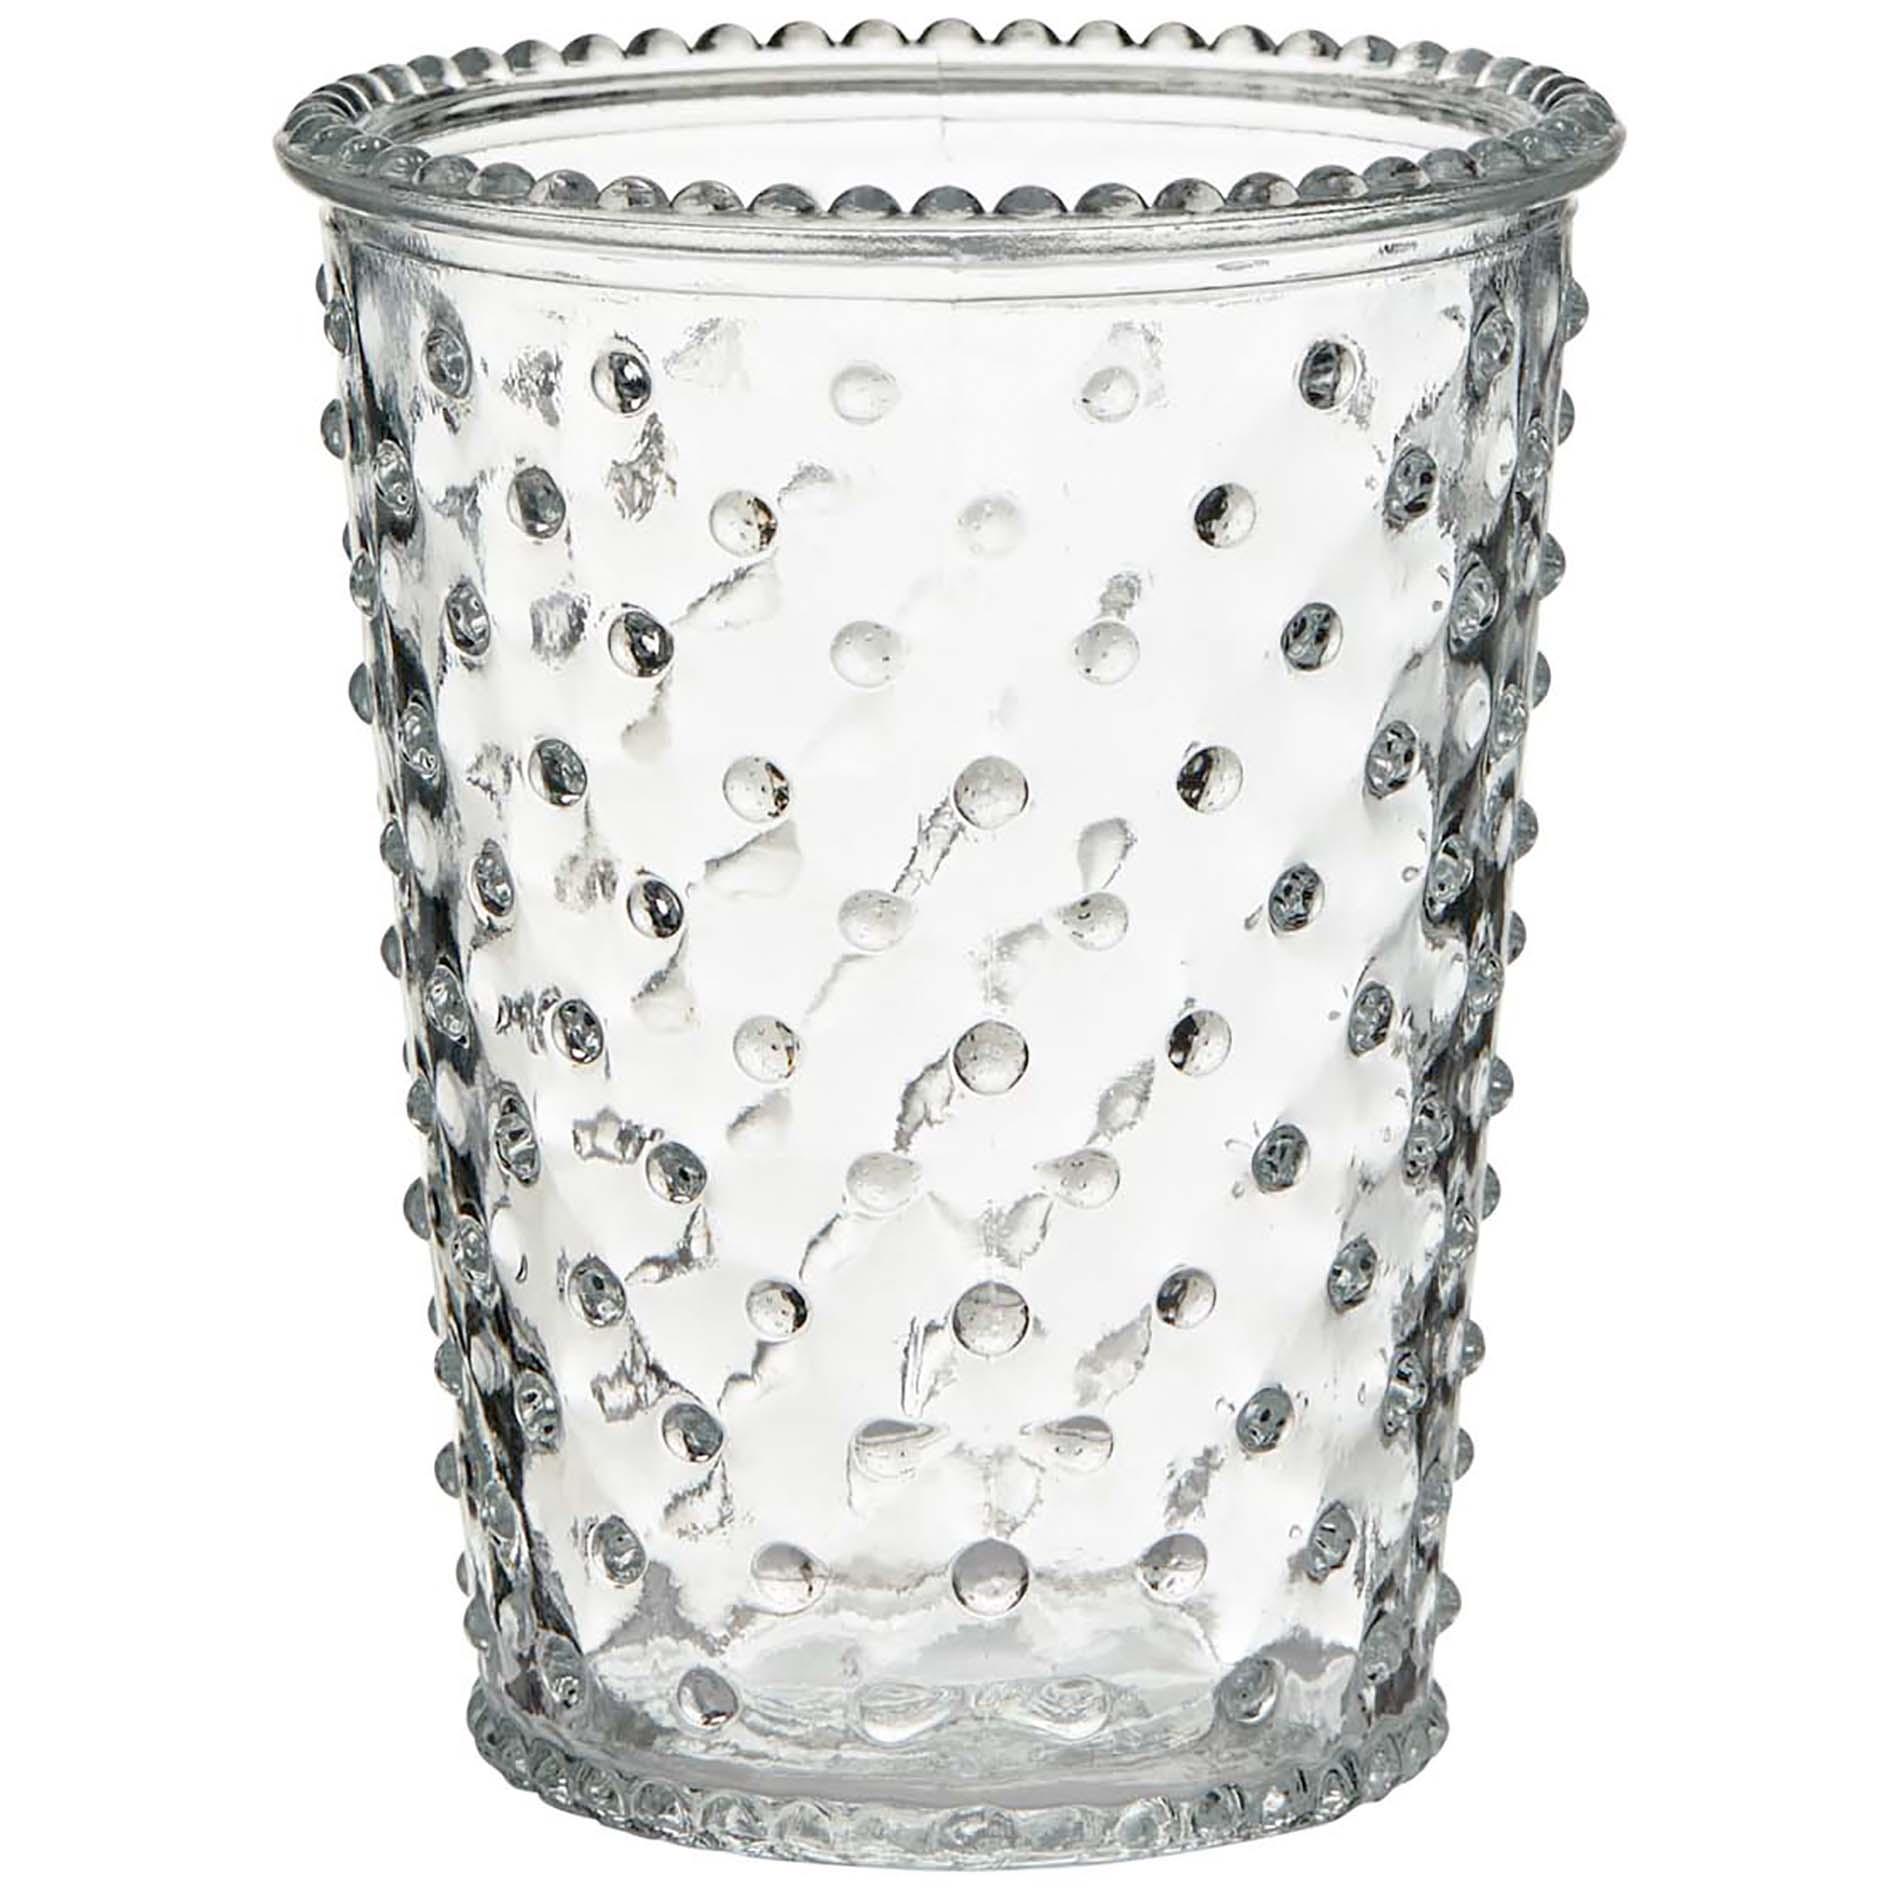 12 x Keramiktopf H 7 cm Teelichthalter Teelichtgläser Blumenübertopf Windlichter